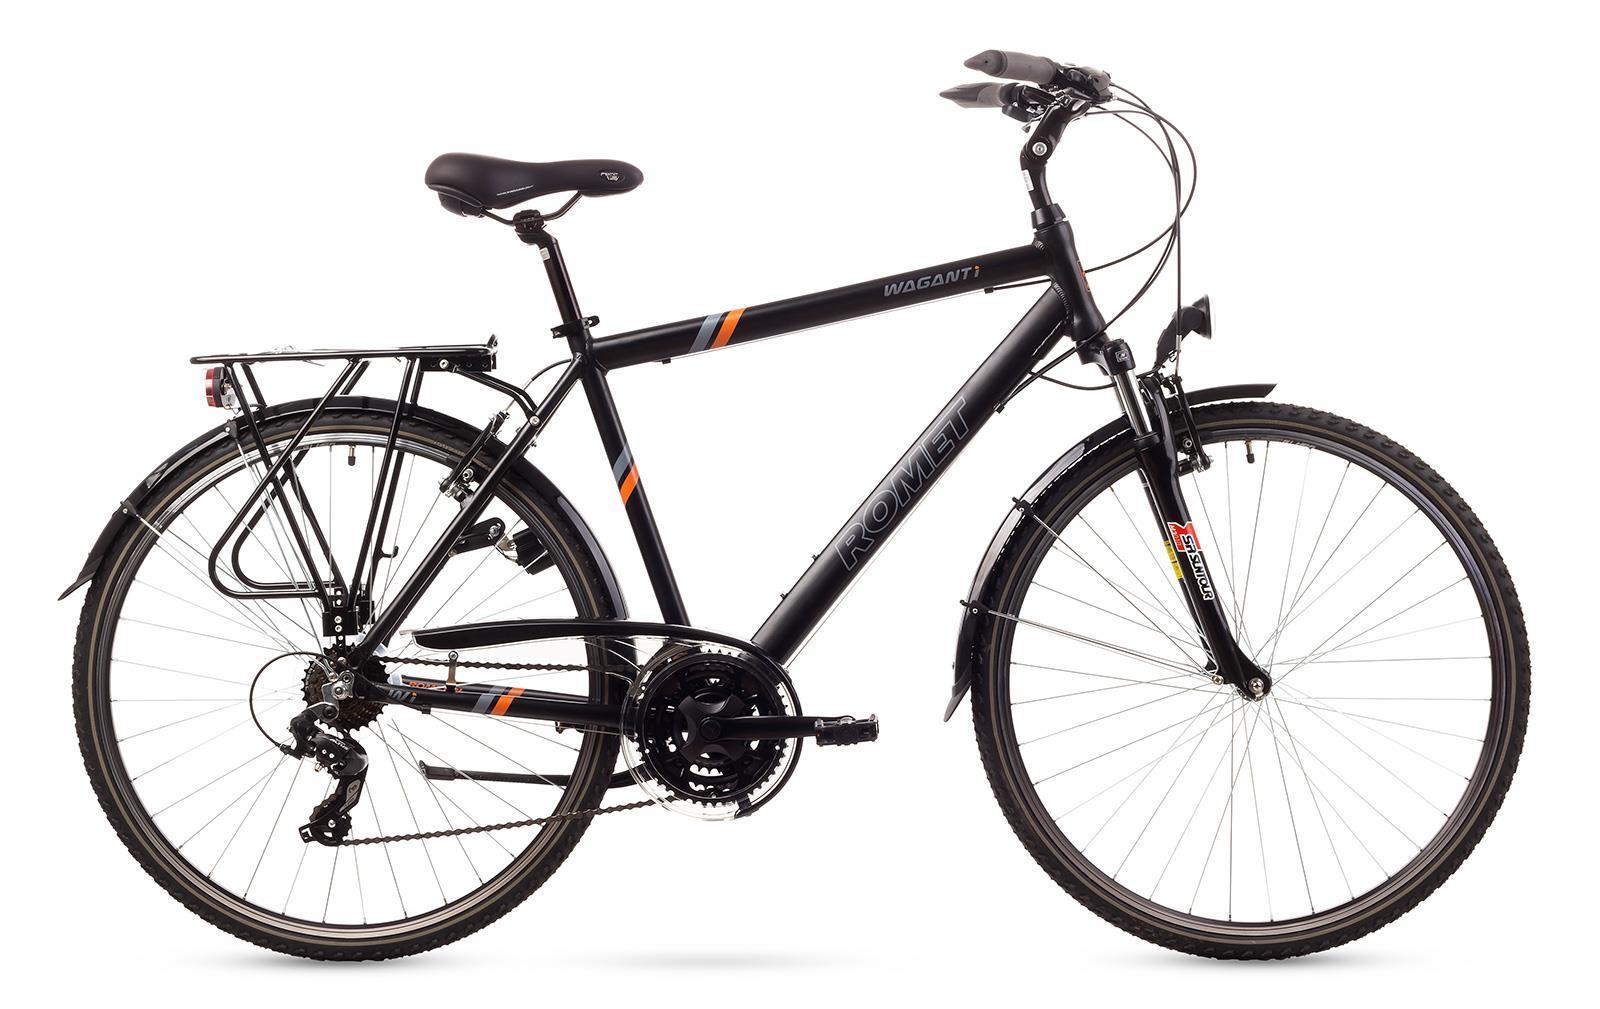 Rower ROMET  WAGANT 1  czarny z pomarańczowym 21 L